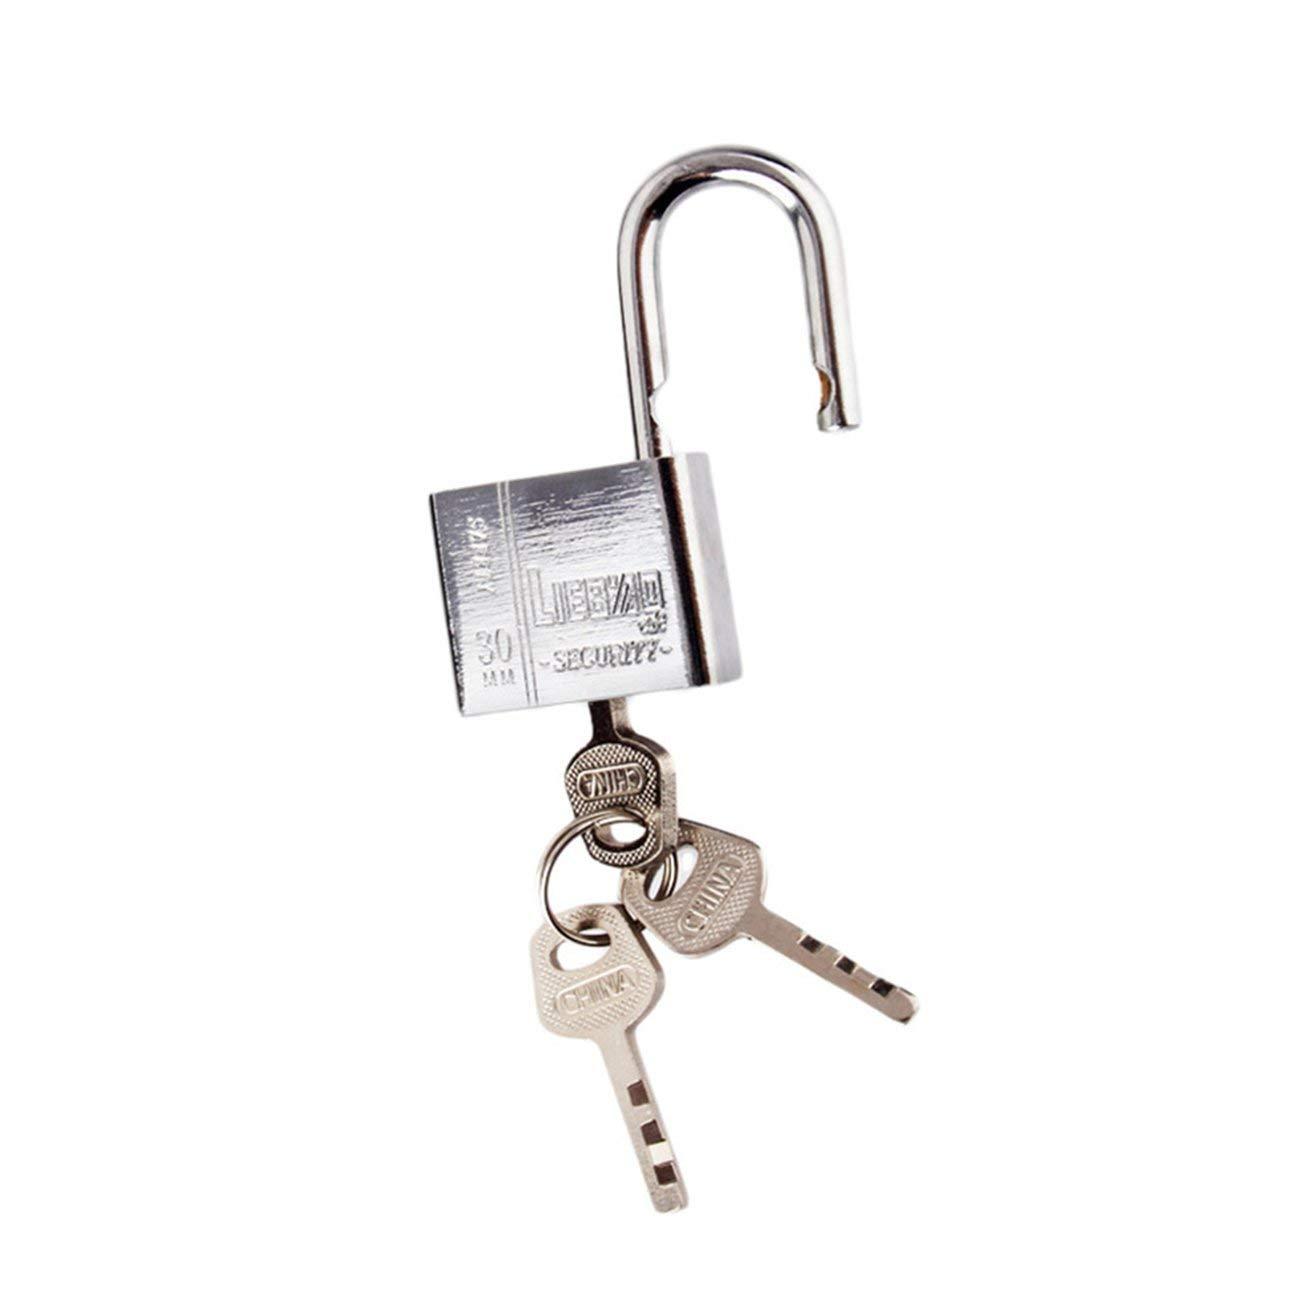 Celerhuak 3 Llaves Uso Duradero Trabajo Pesado Alta Seguridad Cerradura s/ólida Puerta Puerta Caja Seguridad Candado de Acero Inoxidable